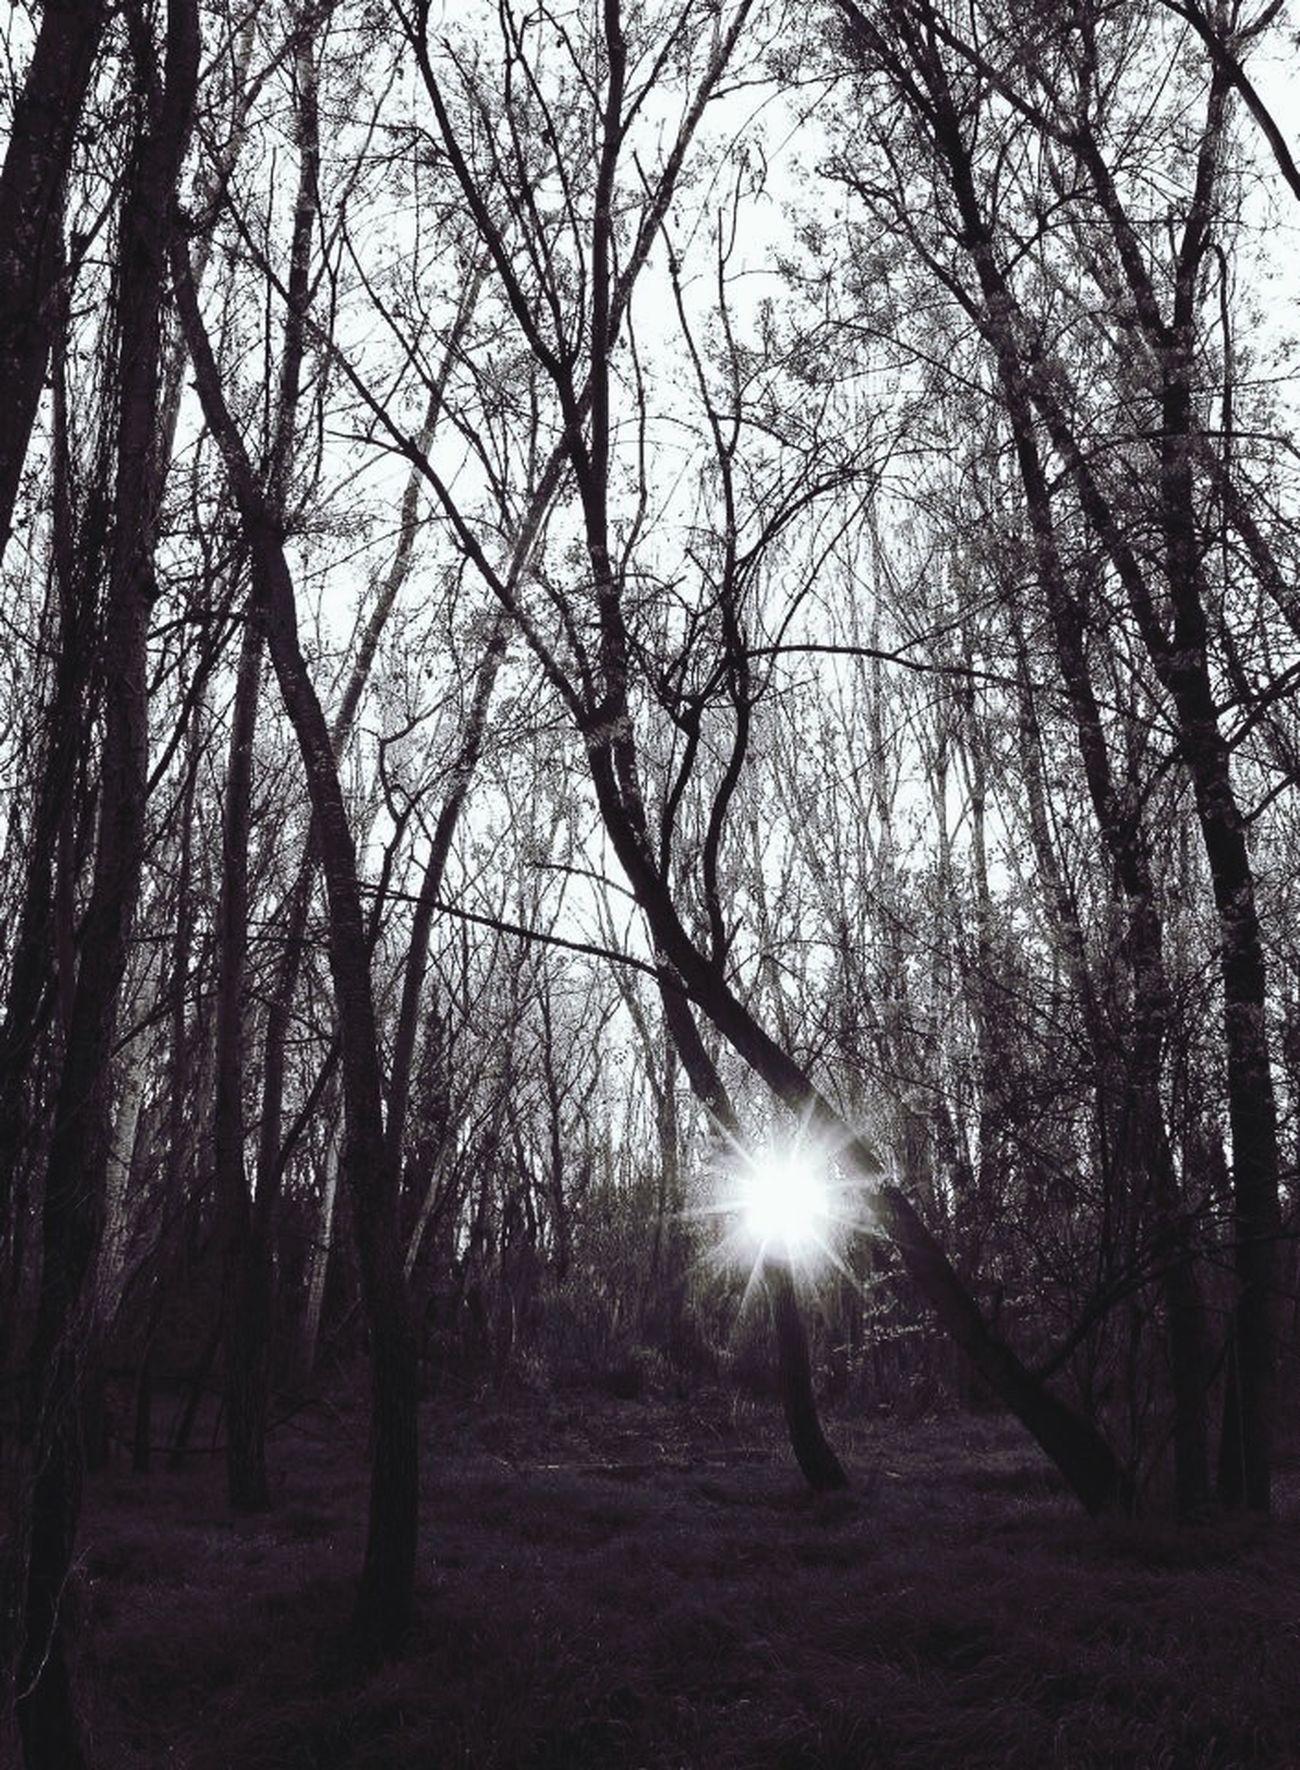 In The Forest Sun B&n B&w La Mitjana